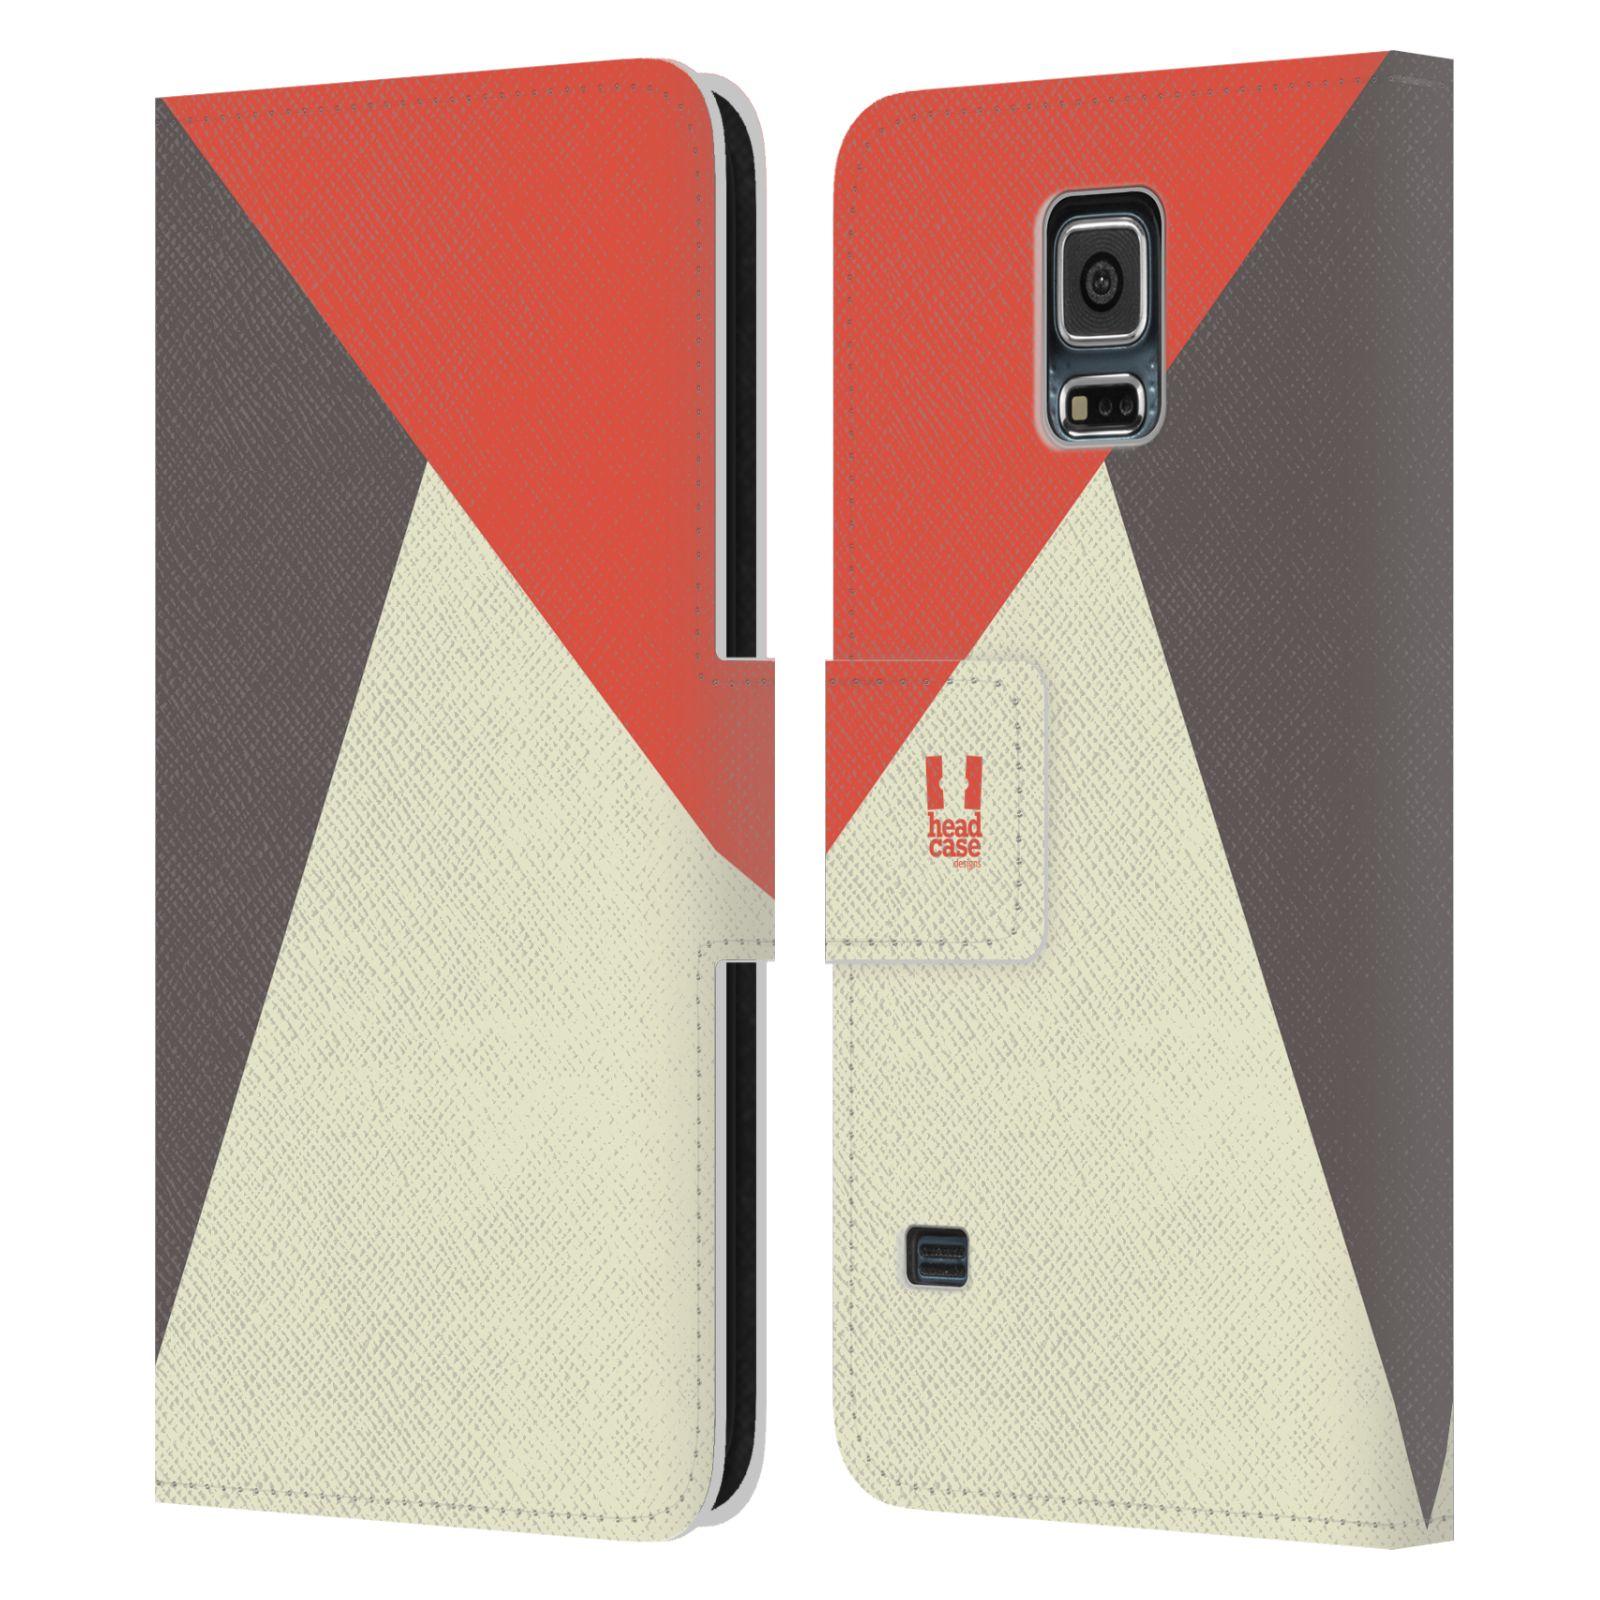 HEAD CASE Flipové pouzdro pro mobil Samsung Galaxy S5 barevné tvary červená a šedá COOL